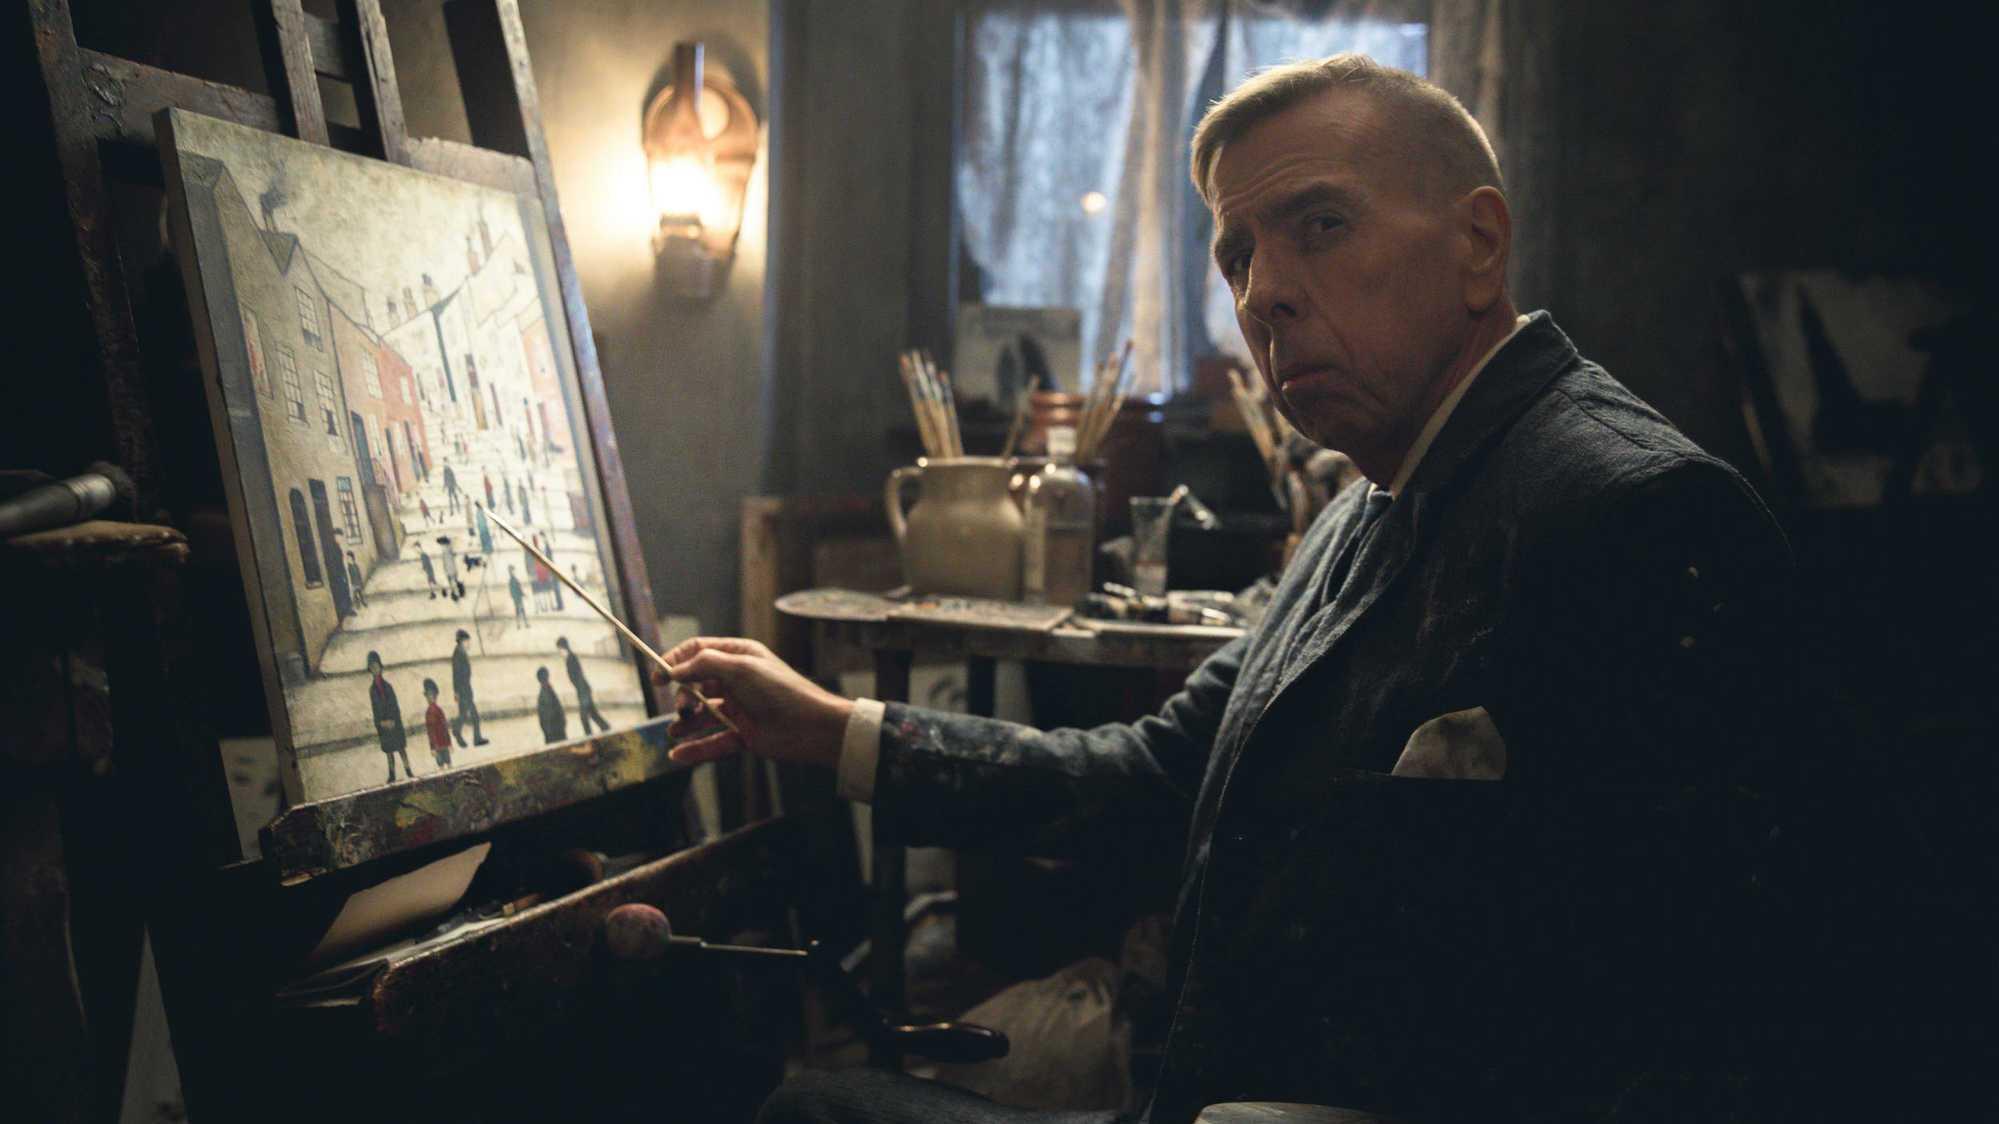 演完画家后,《透纳先生》主演蒂莫西·斯波要办个人画展